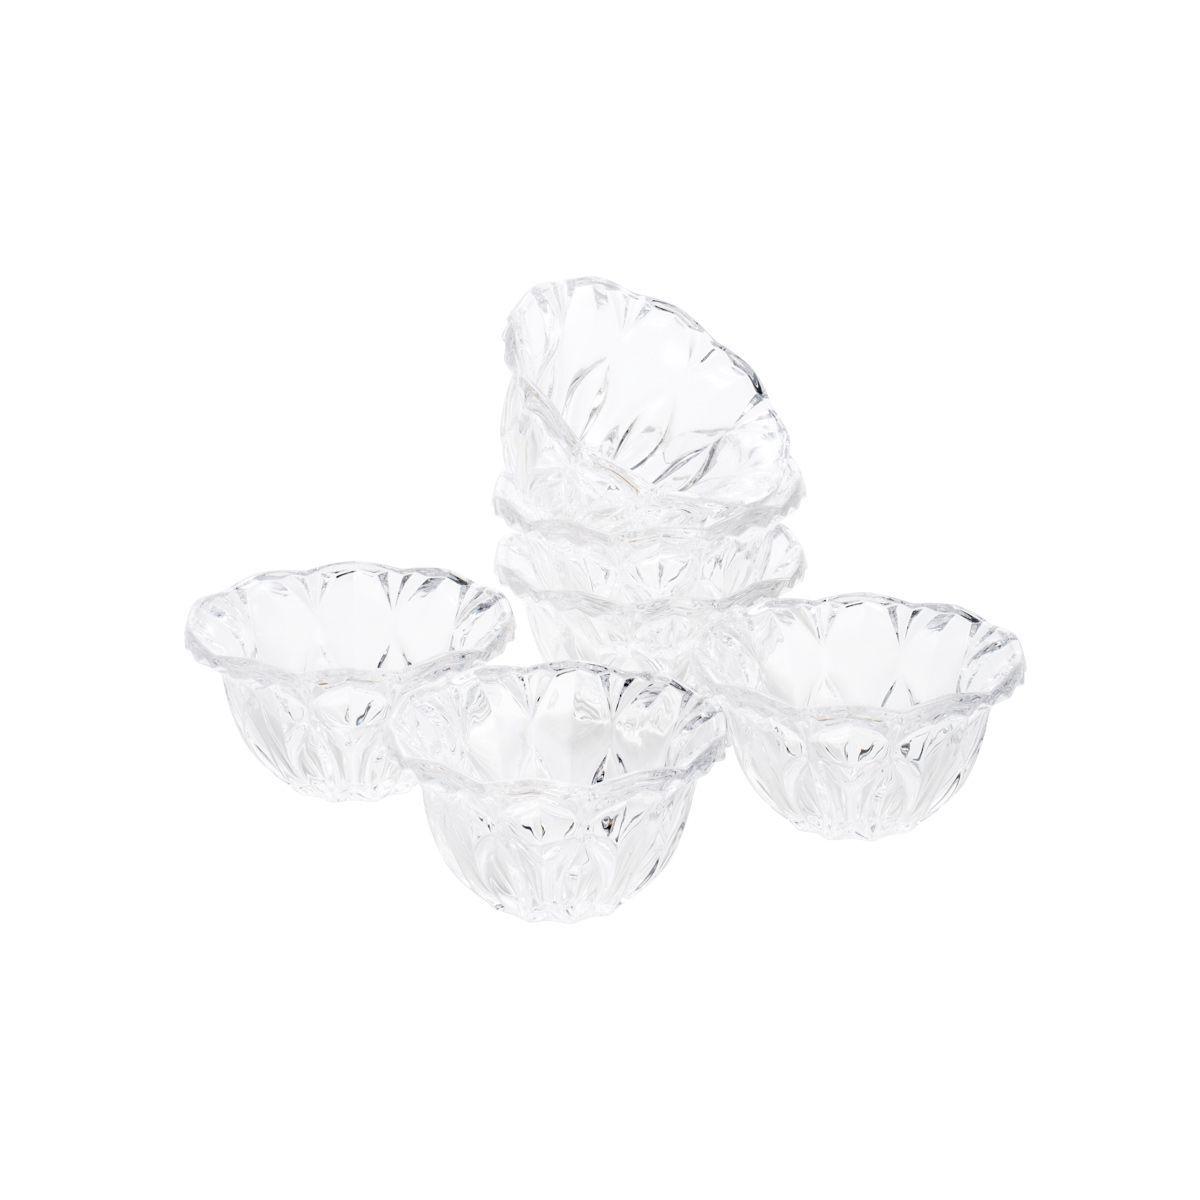 Jogo 6 bowls 12 cm para sobremesa de cristal transparente Louise Wolff - 5344